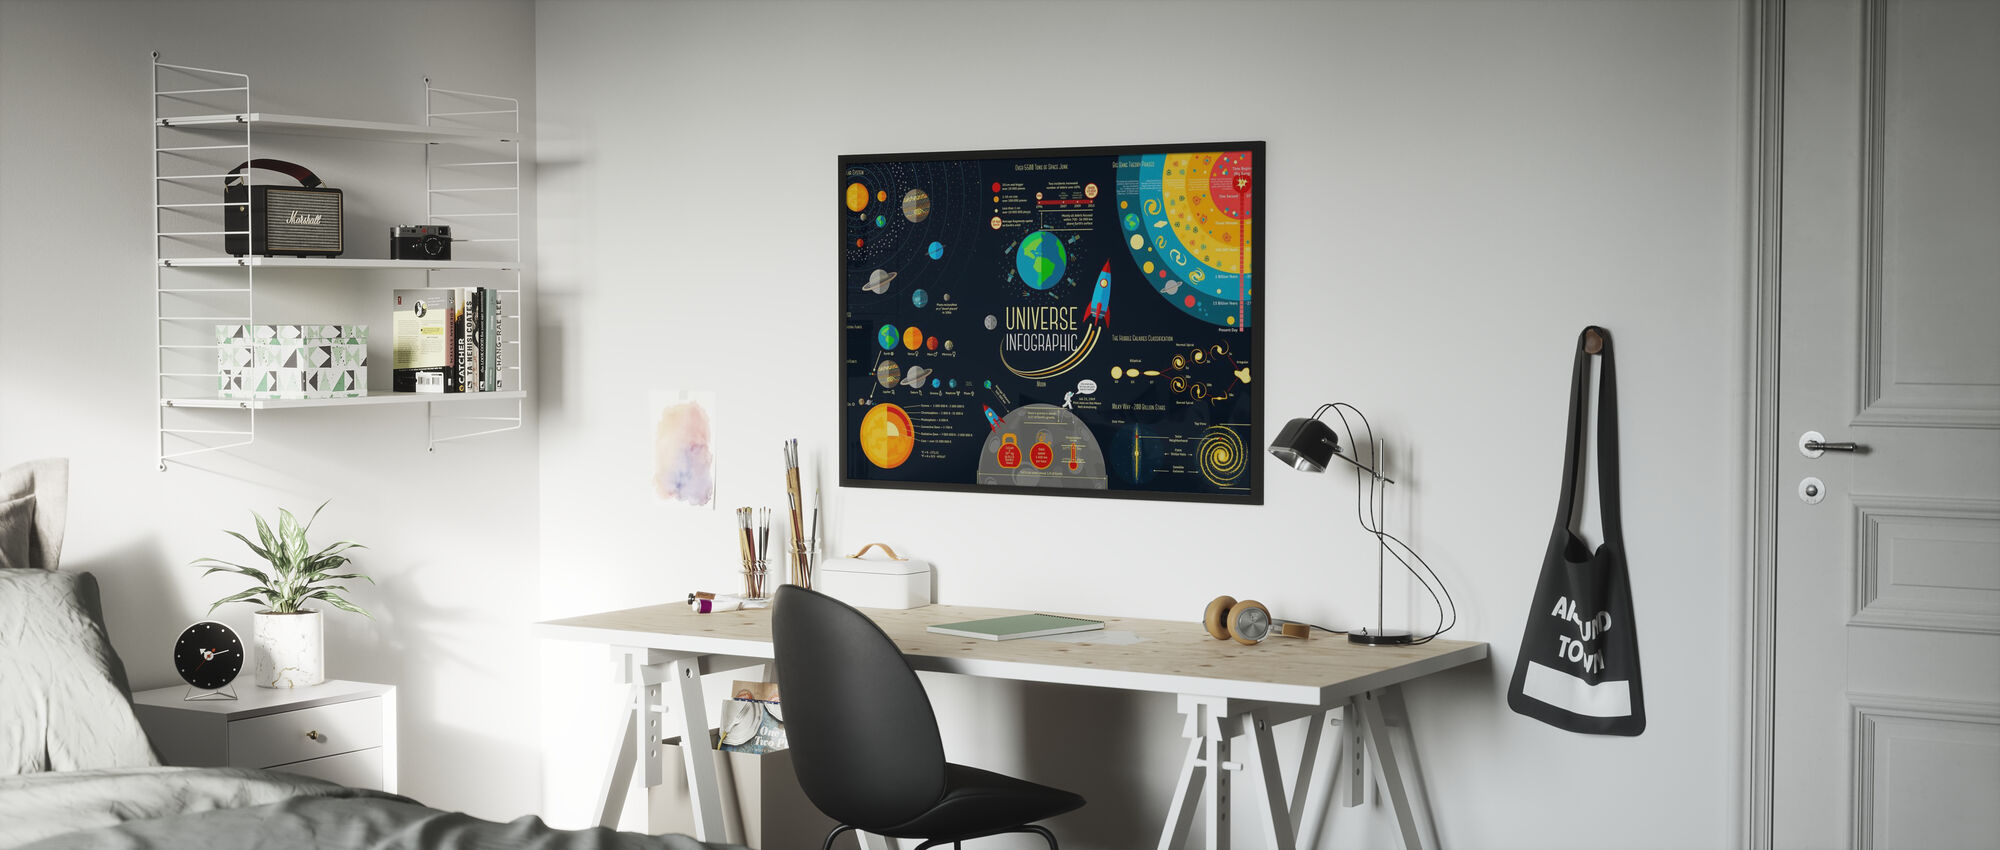 Sett med universets infografikk - Plakat - Barnerom